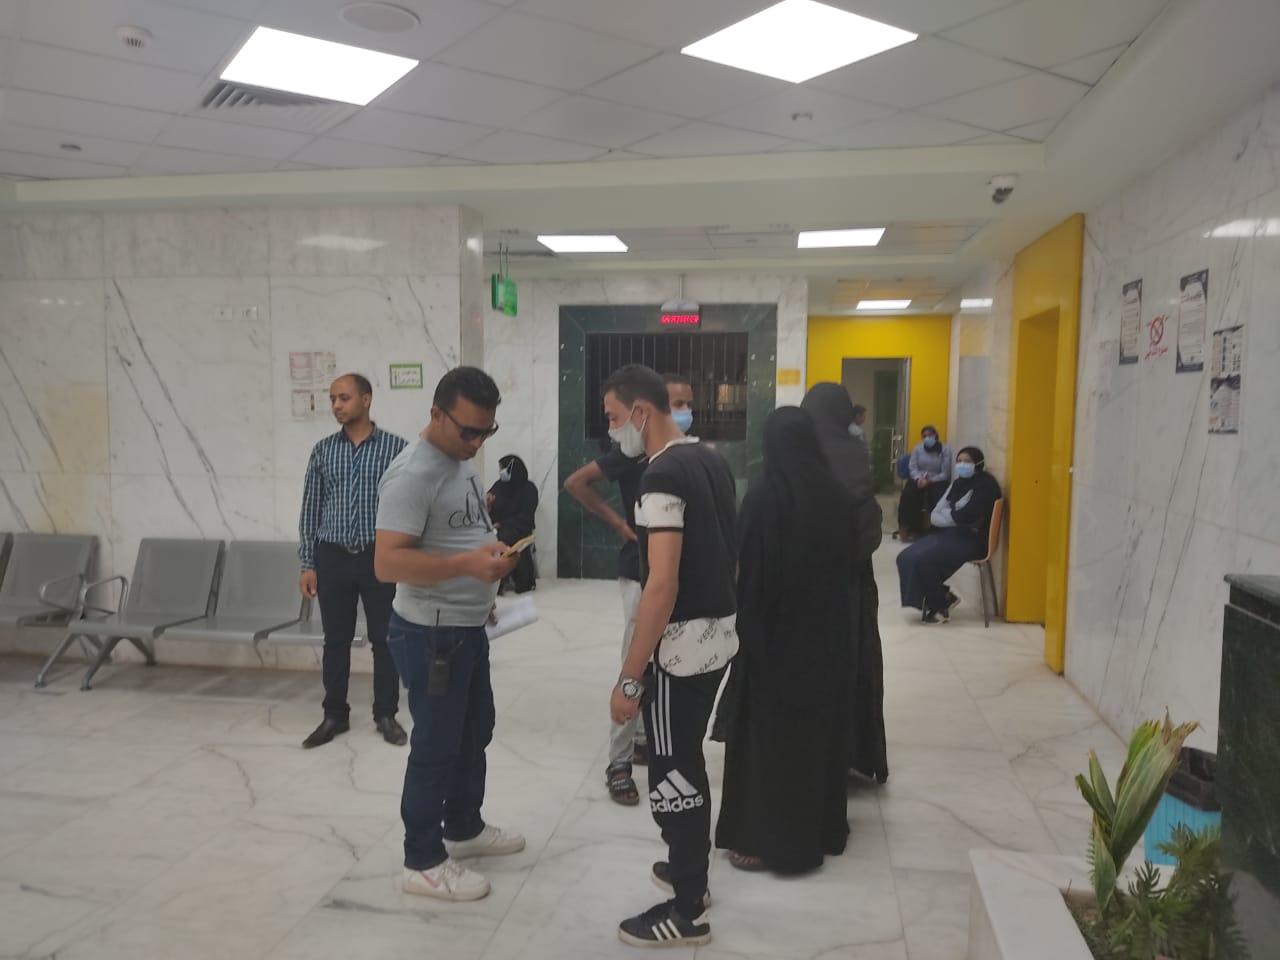 أروقة وأقسام مستشفى إسنا التخصصى تعود للحياة الطبيعية بعد 140 يوماً من العزل  (3)